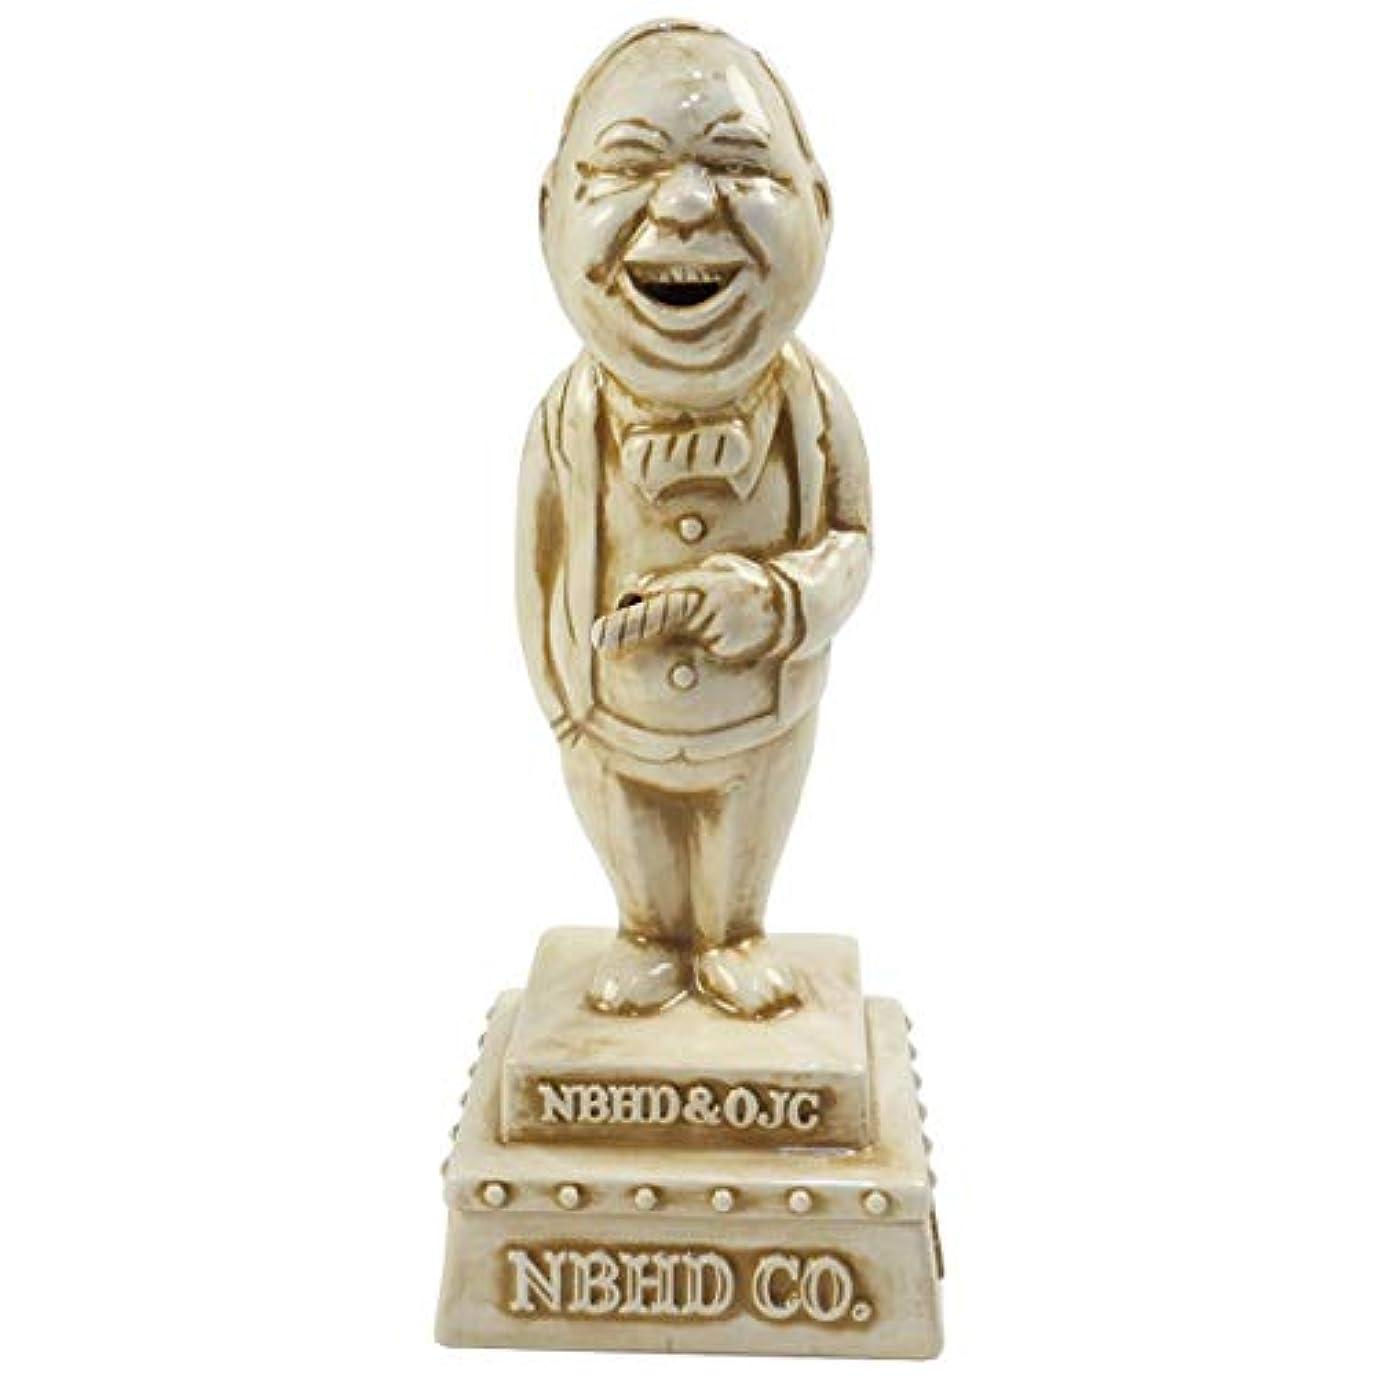 誇りに思うを通してを必要としていますNEIGHBORHOOD ネイバーフッド 18AW ×OLD JOE. BOOZE/CE-INCENSE CHAMBER お香立て 茶 フリー